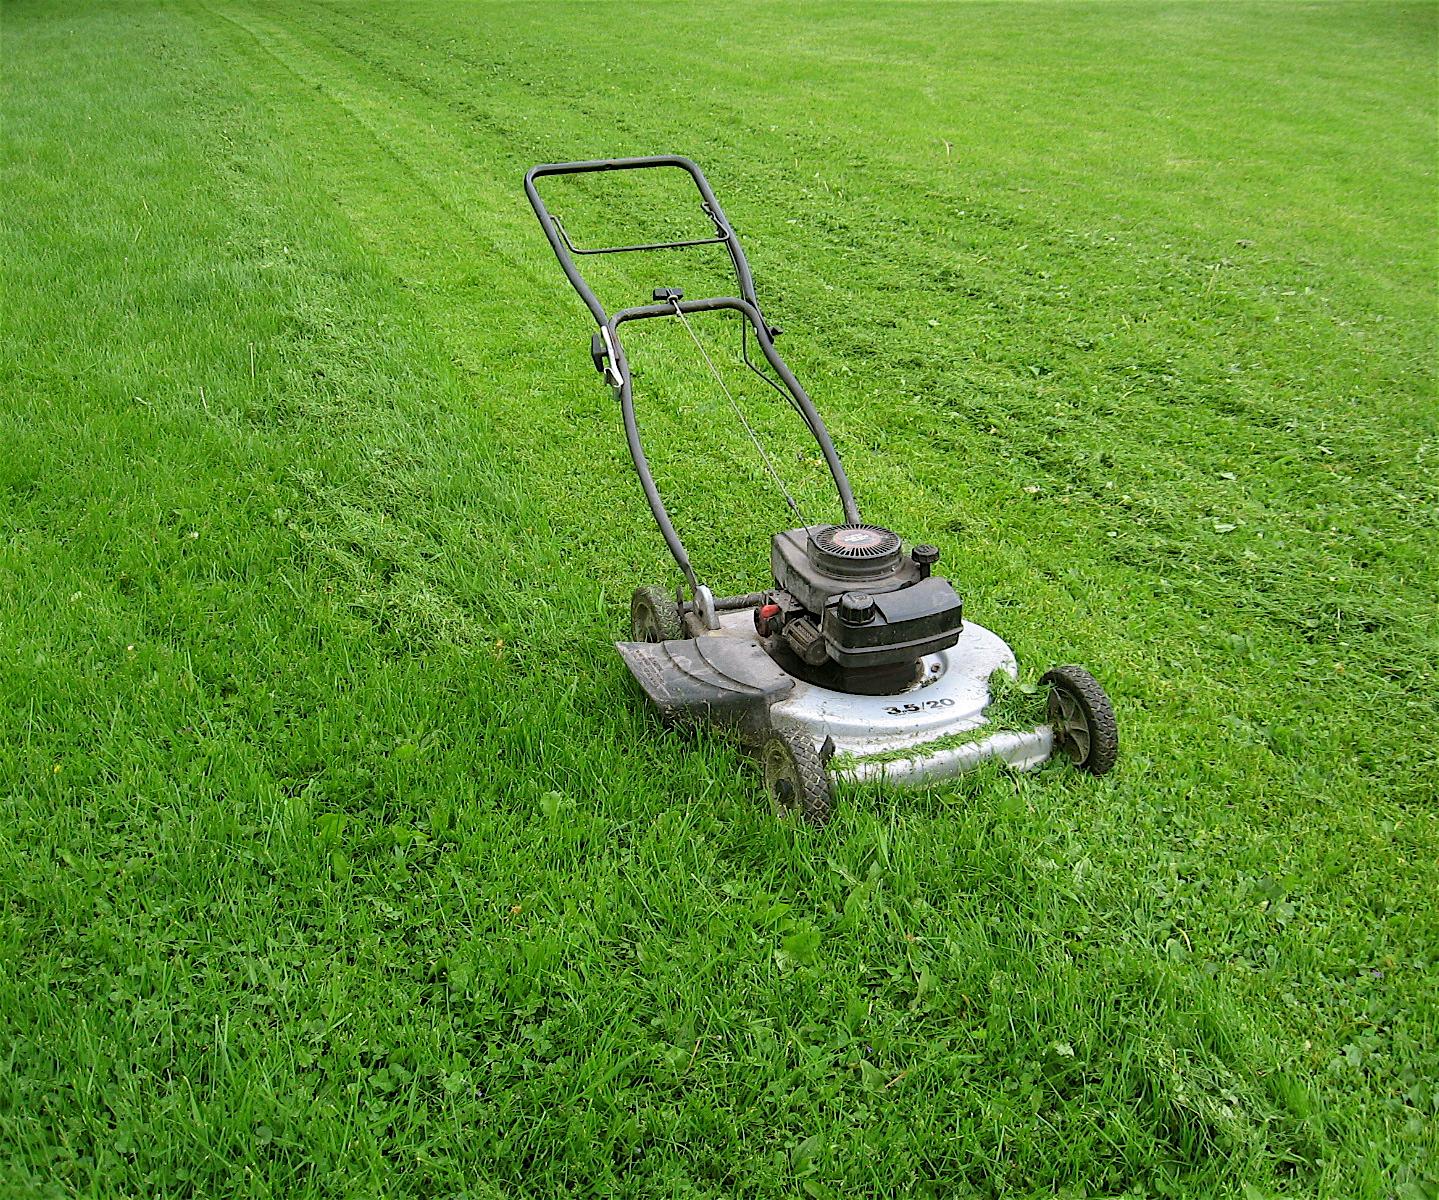 Woods wanderer cutting grass for Lawn mower cutting grass